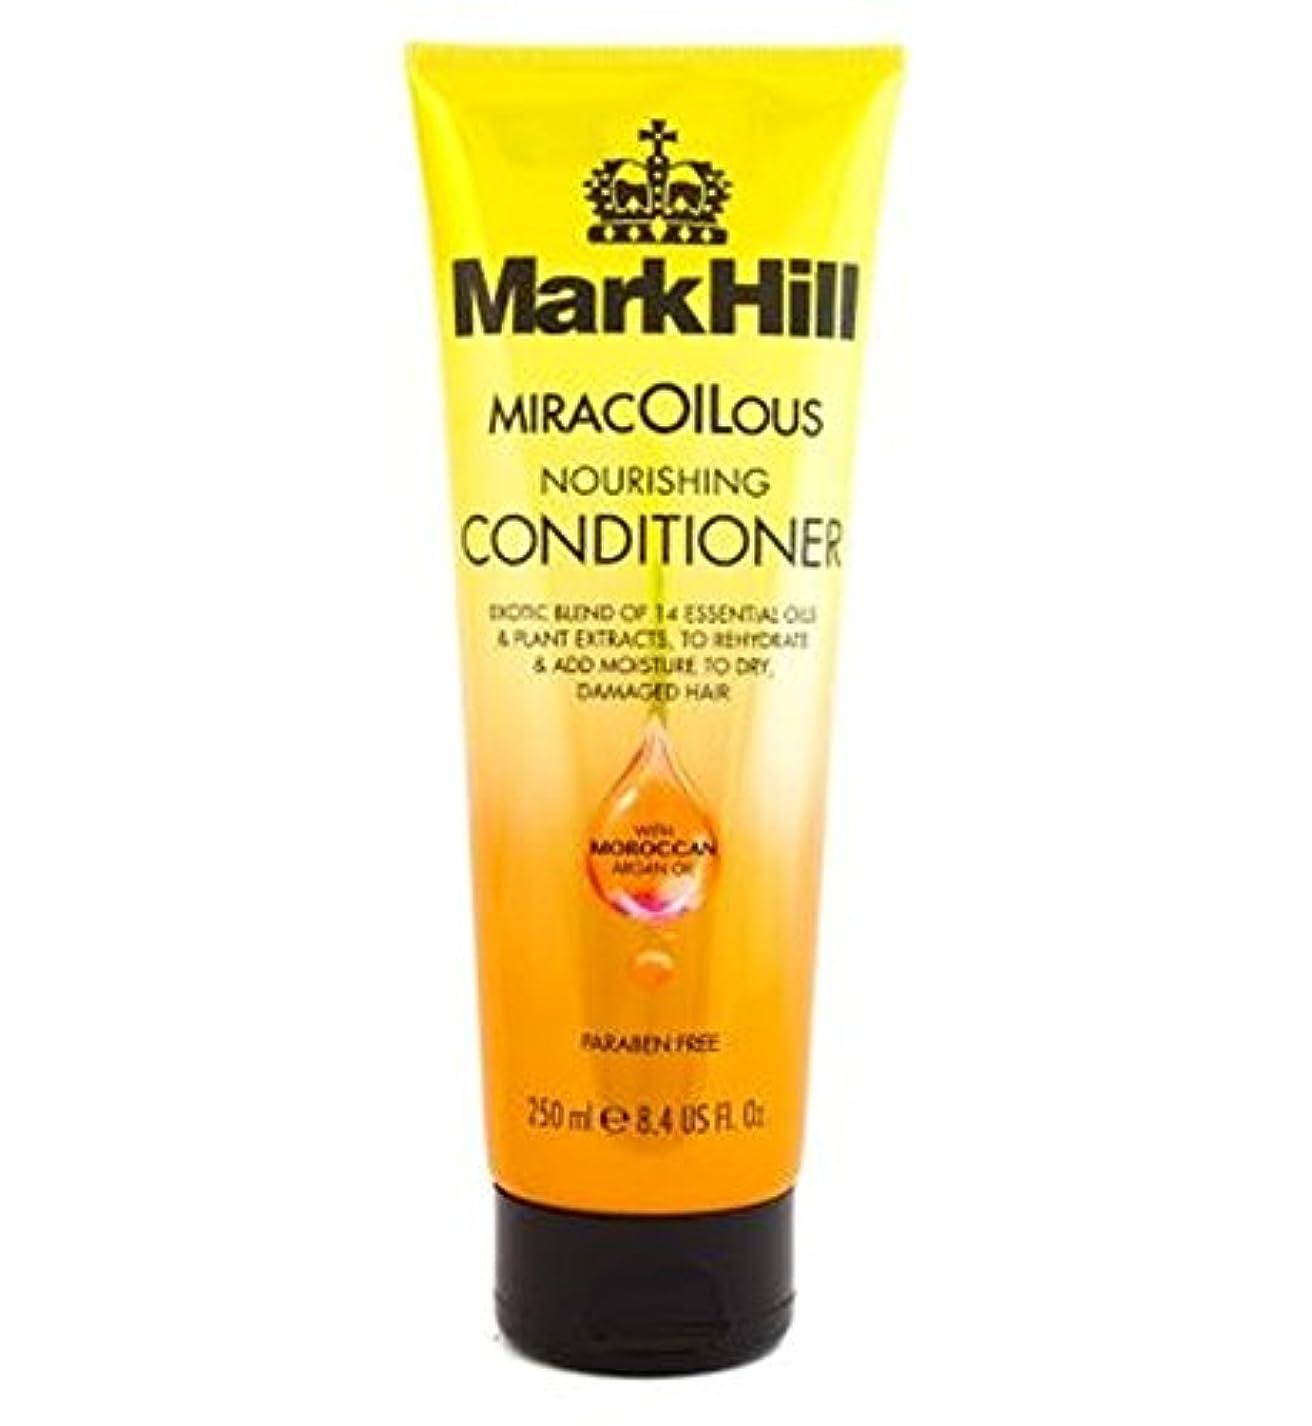 腐った電子レンジ旋律的Mark Hill MiracOILicious Conditioner 250ml - マーク丘Miracoiliciousコンディショナー250Ml (Mark Hill) [並行輸入品]